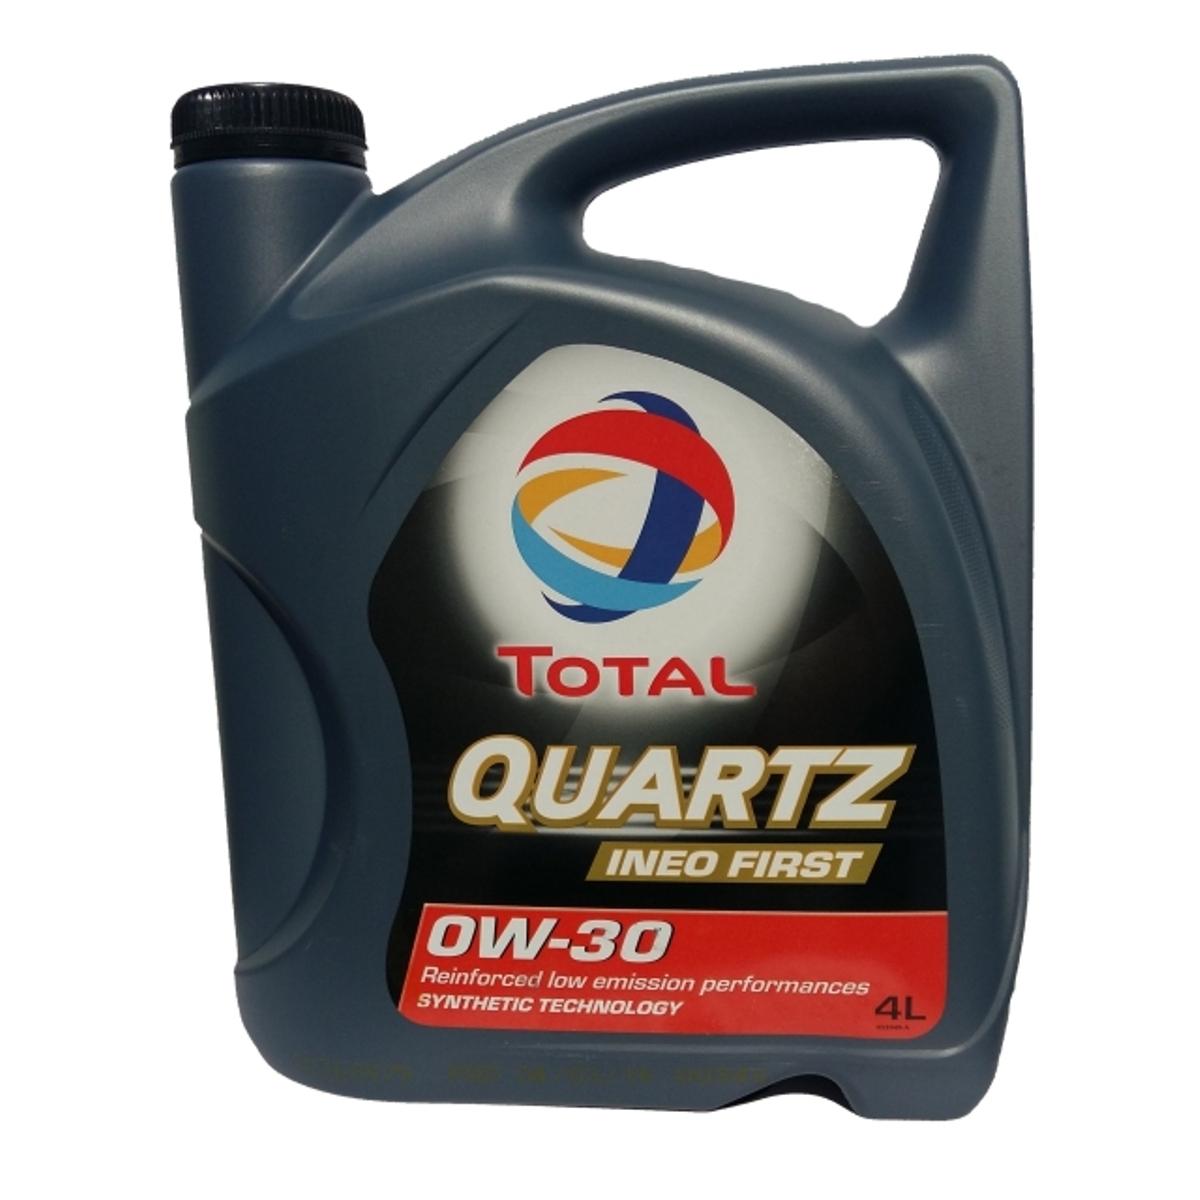 Моторное масло Total Quartz Ineo First 0W30, 4 л183175TOTAL QUARTZ INEO FIRST 0W-30 применяется концерном PSA PEUGEOT CITROEN в качестве моторного масла первой заливки и рекомендуется для послепродажного обслуживания. Моторное масло, разработанное по синтетической технологии, обеспечивает двигатель максимальной защитой от износа и от образования отложений. Благодаря малозольной формуле (низкое содержание серы, фосфора, пониженная зольность) масло обеспечивает долгое и правильное функционирование системы доочистки выхлопных газов, чувствительных к смазочным материалам и дорогих в обслуживании. Применение TOTAL QUARTZ INEO FIRST 0W30 позволяет экономить, не требуя при этом изменения стиля вождения. Подходит для наиболее сложных условий эксплуатации (езда от двери до двери, спортивное вождение, старт-стоп, езда в городе и т.д.). Экономия топлива и LOW SAPS Международные спецификации: ACEA C1 и C2 2010 Одобрения автопроизводителей:PSA PEUGEOT CITROEN B71 2312